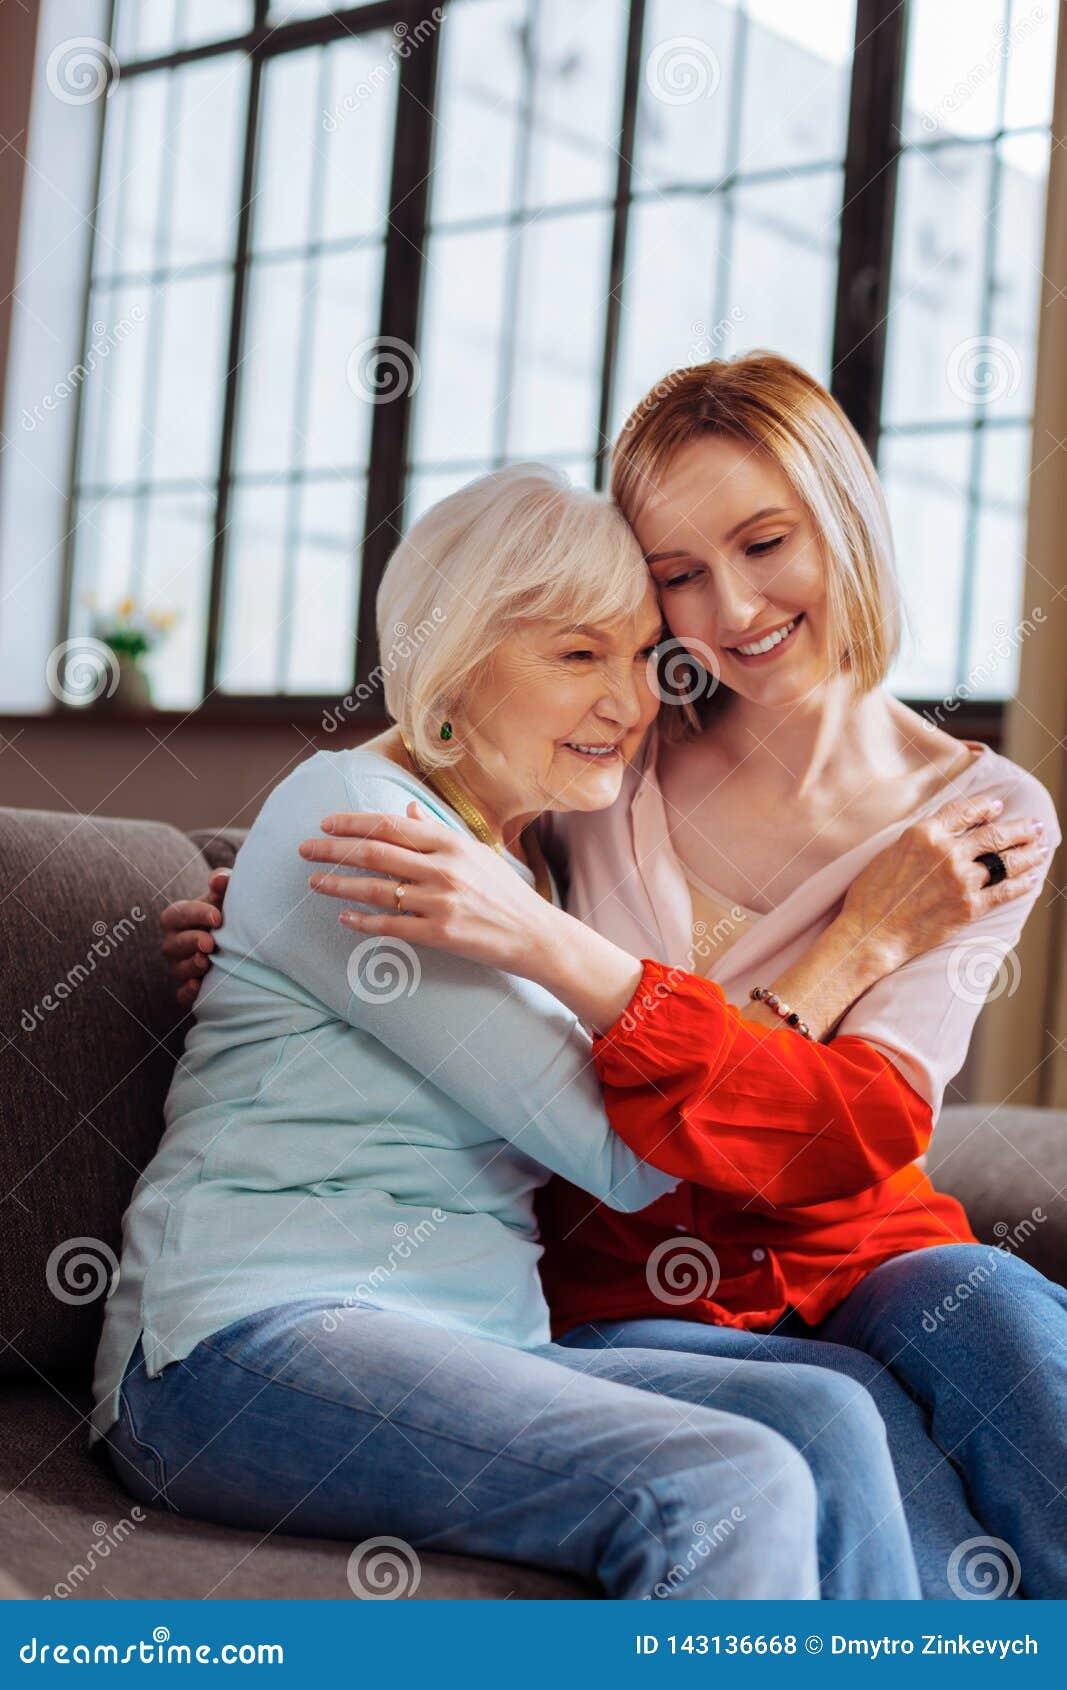 Γοητευτική γυναίκα που αγκαλιάζει με αγάπη την ηλικιωμένη συνεδρίαση κυρίας στον καναπέ